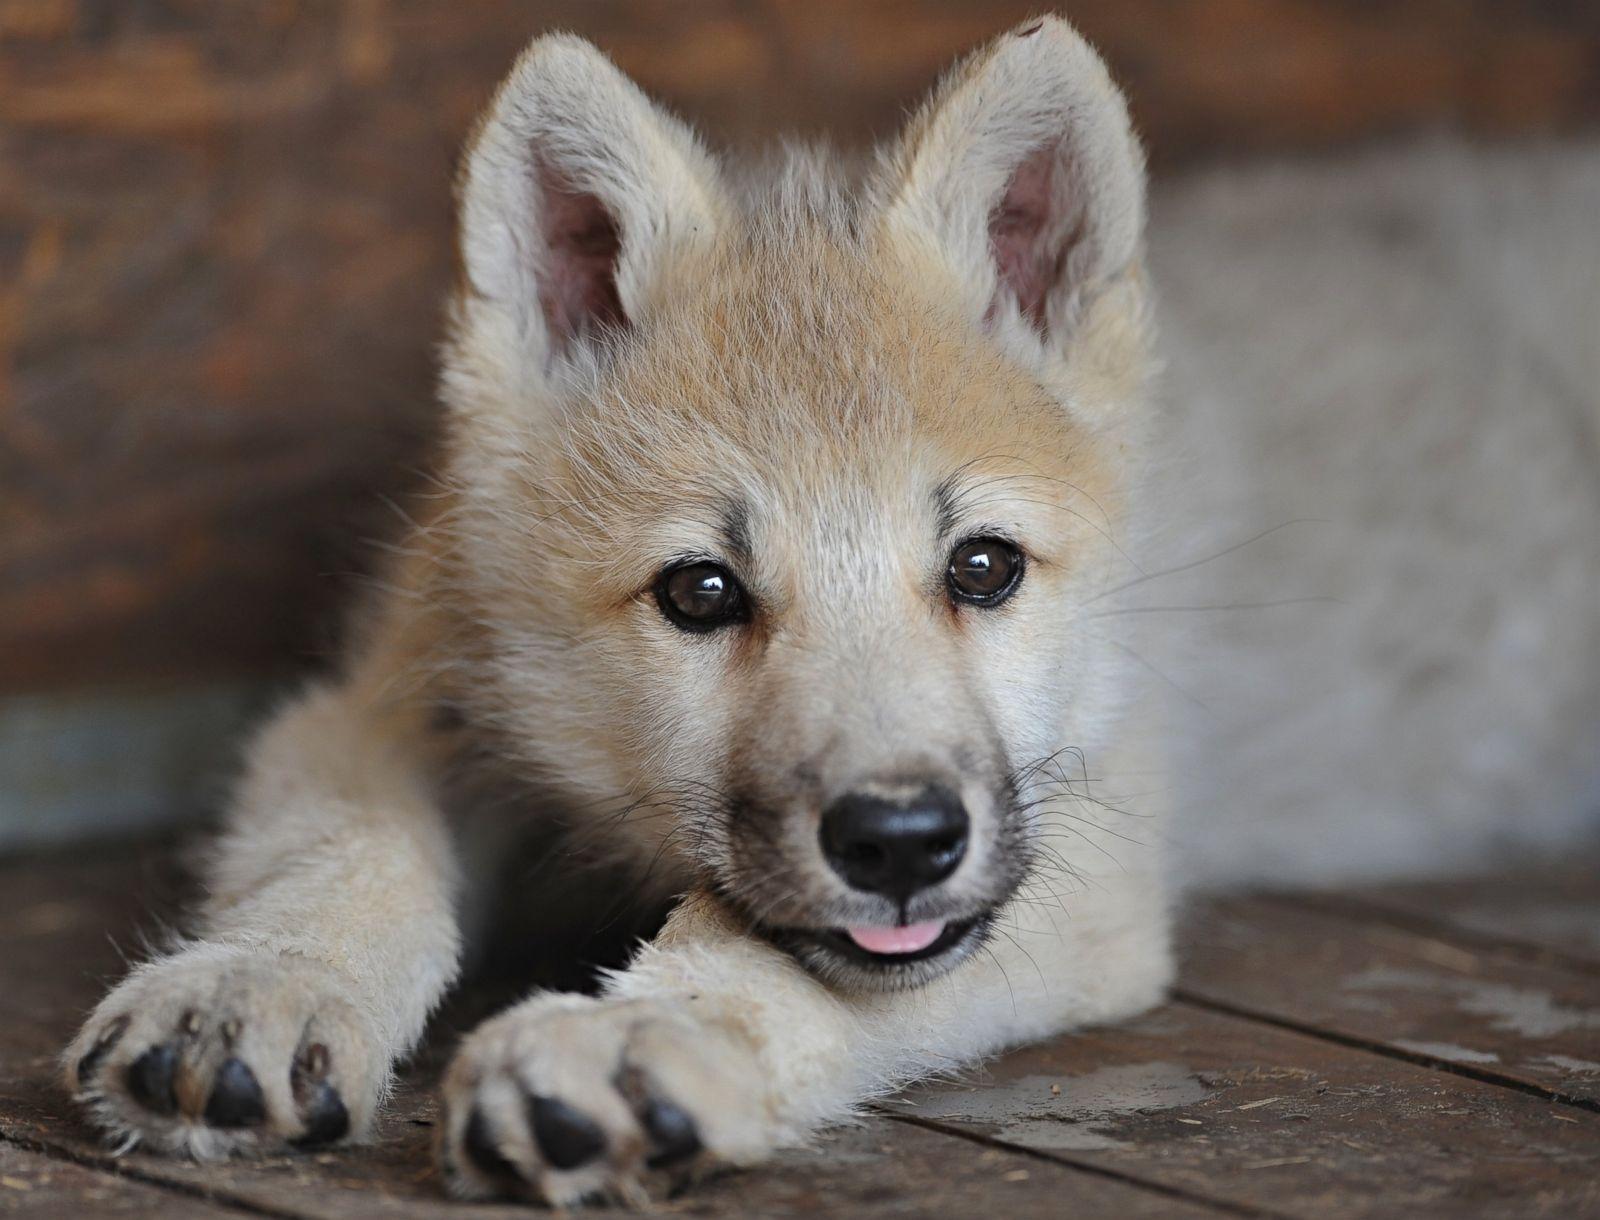 AP_baby_wolf_kab_150630_21x16_1600.jpg